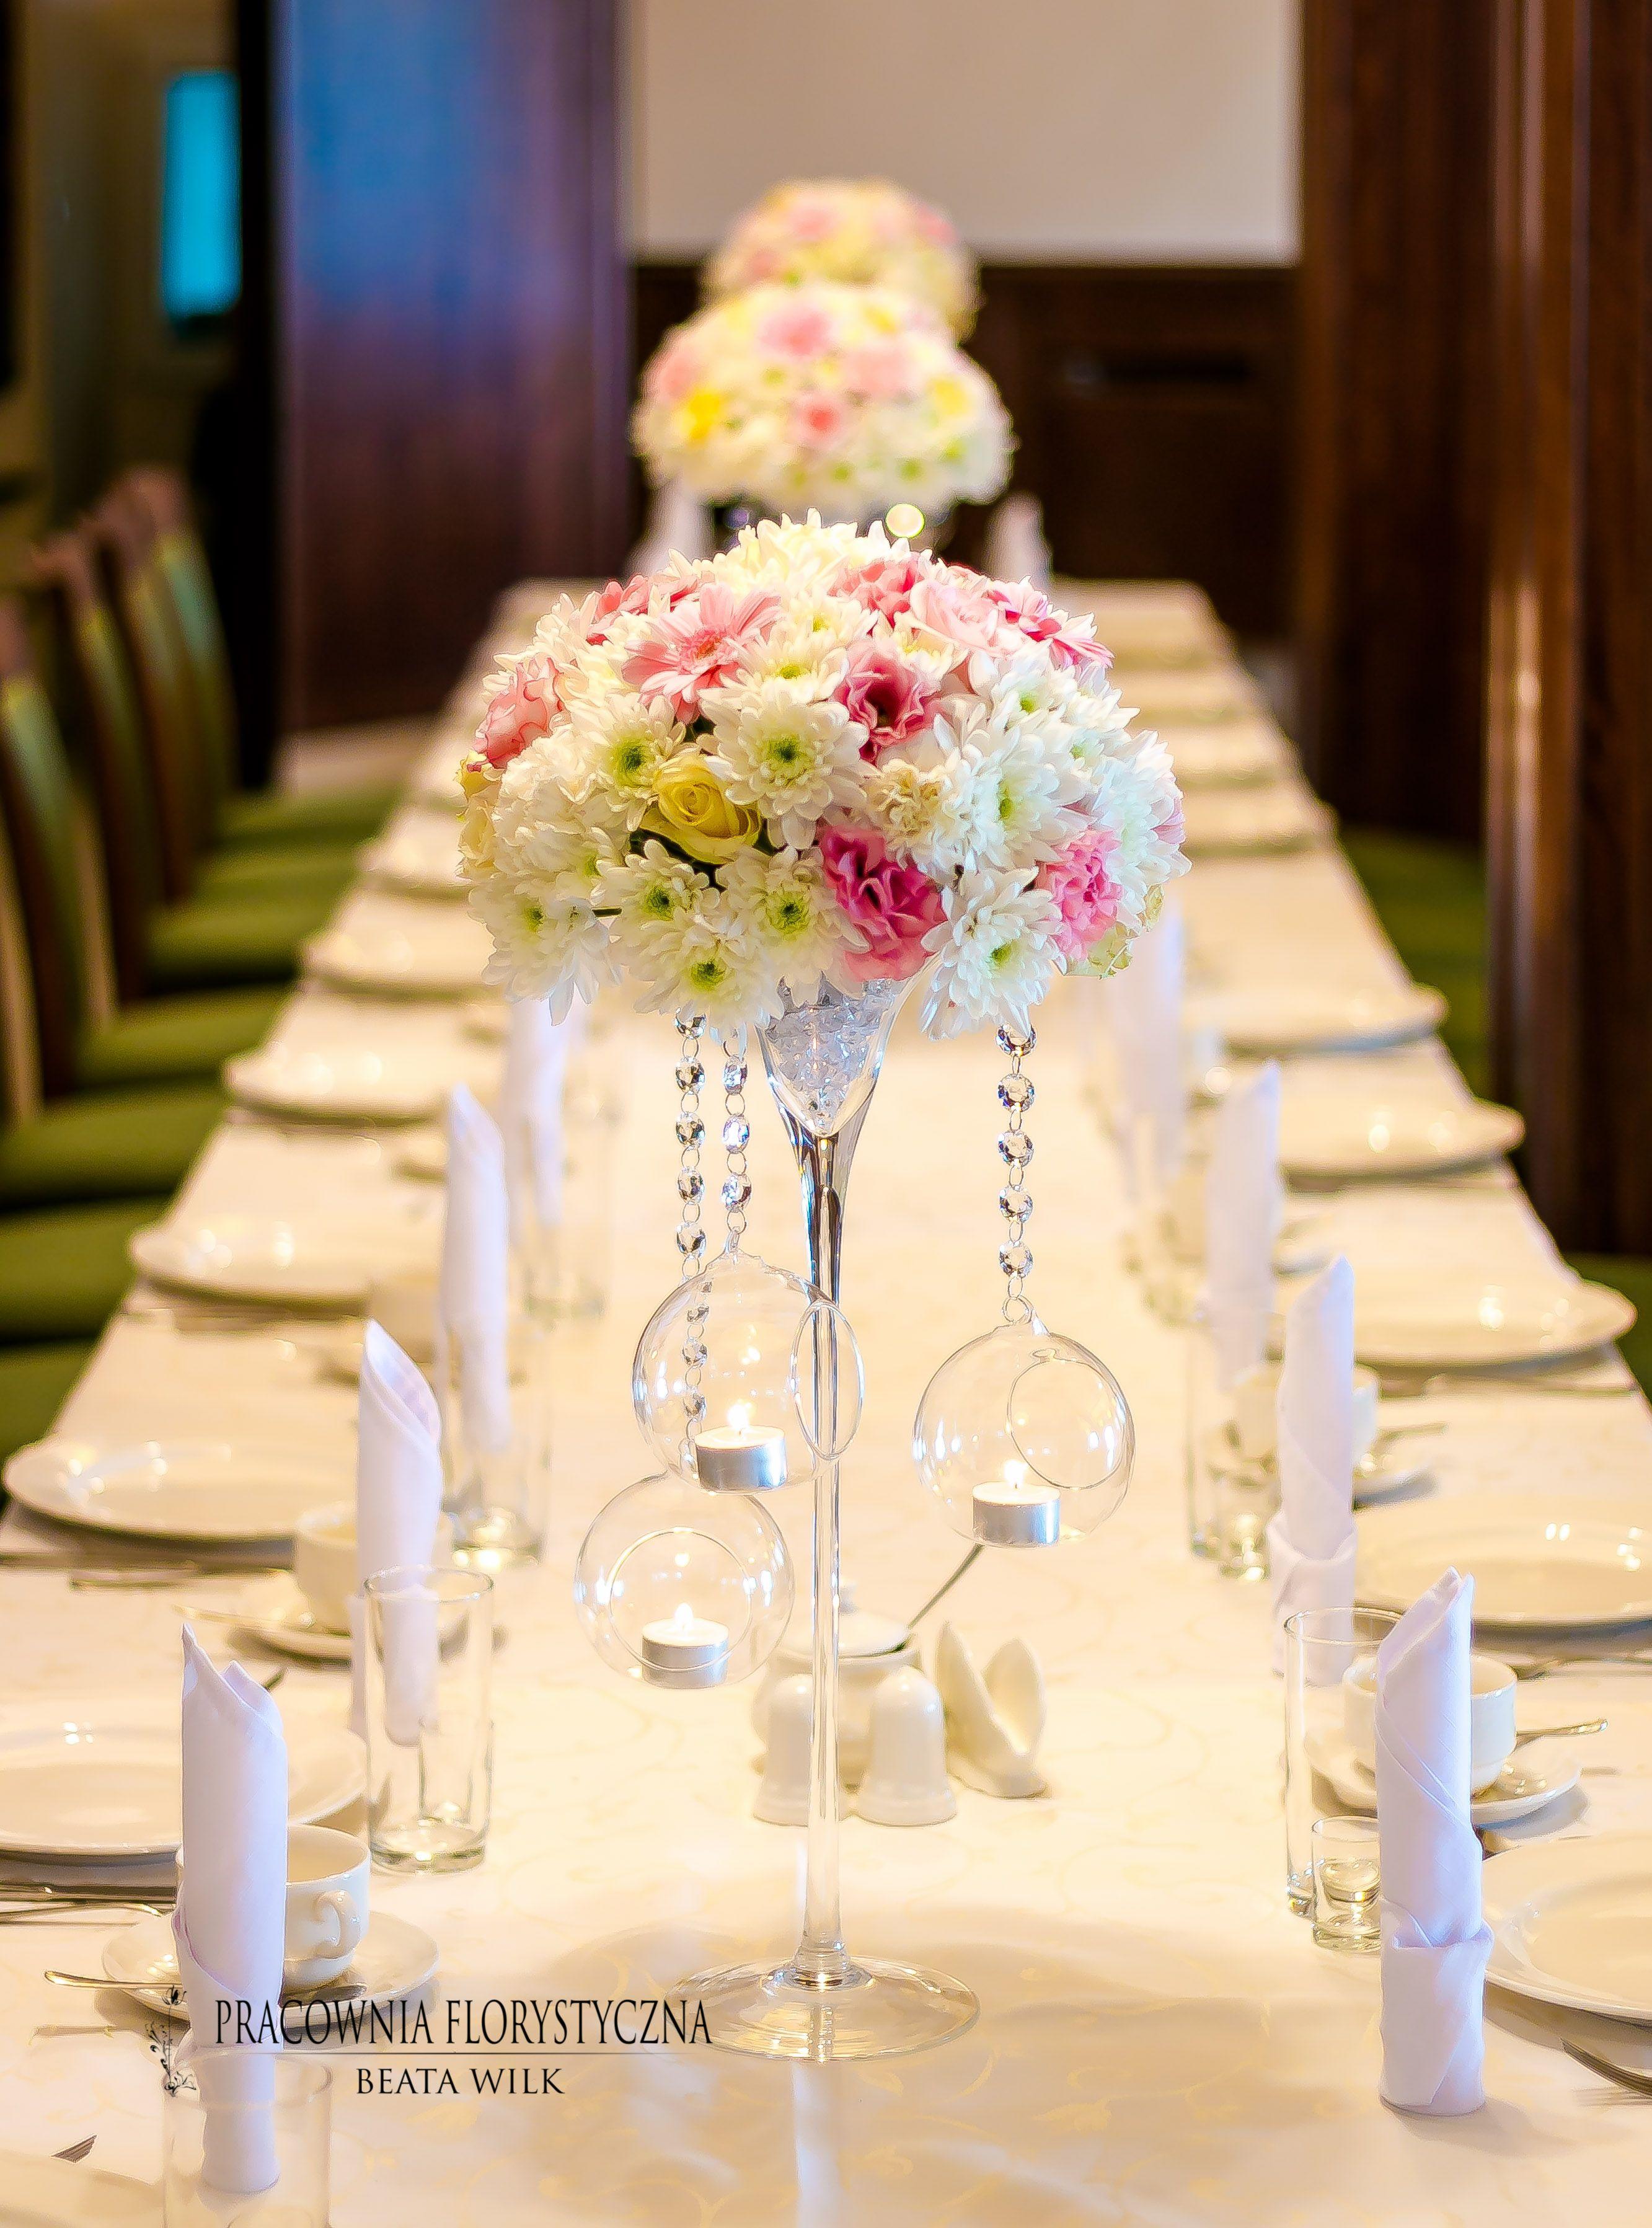 Dekoracja Sali Weselnej Kompozycje Kwiatowe Wiszace Kule Z Swieczkami Flower Centerpieces Flower Arrangements Wedding Centerpieces